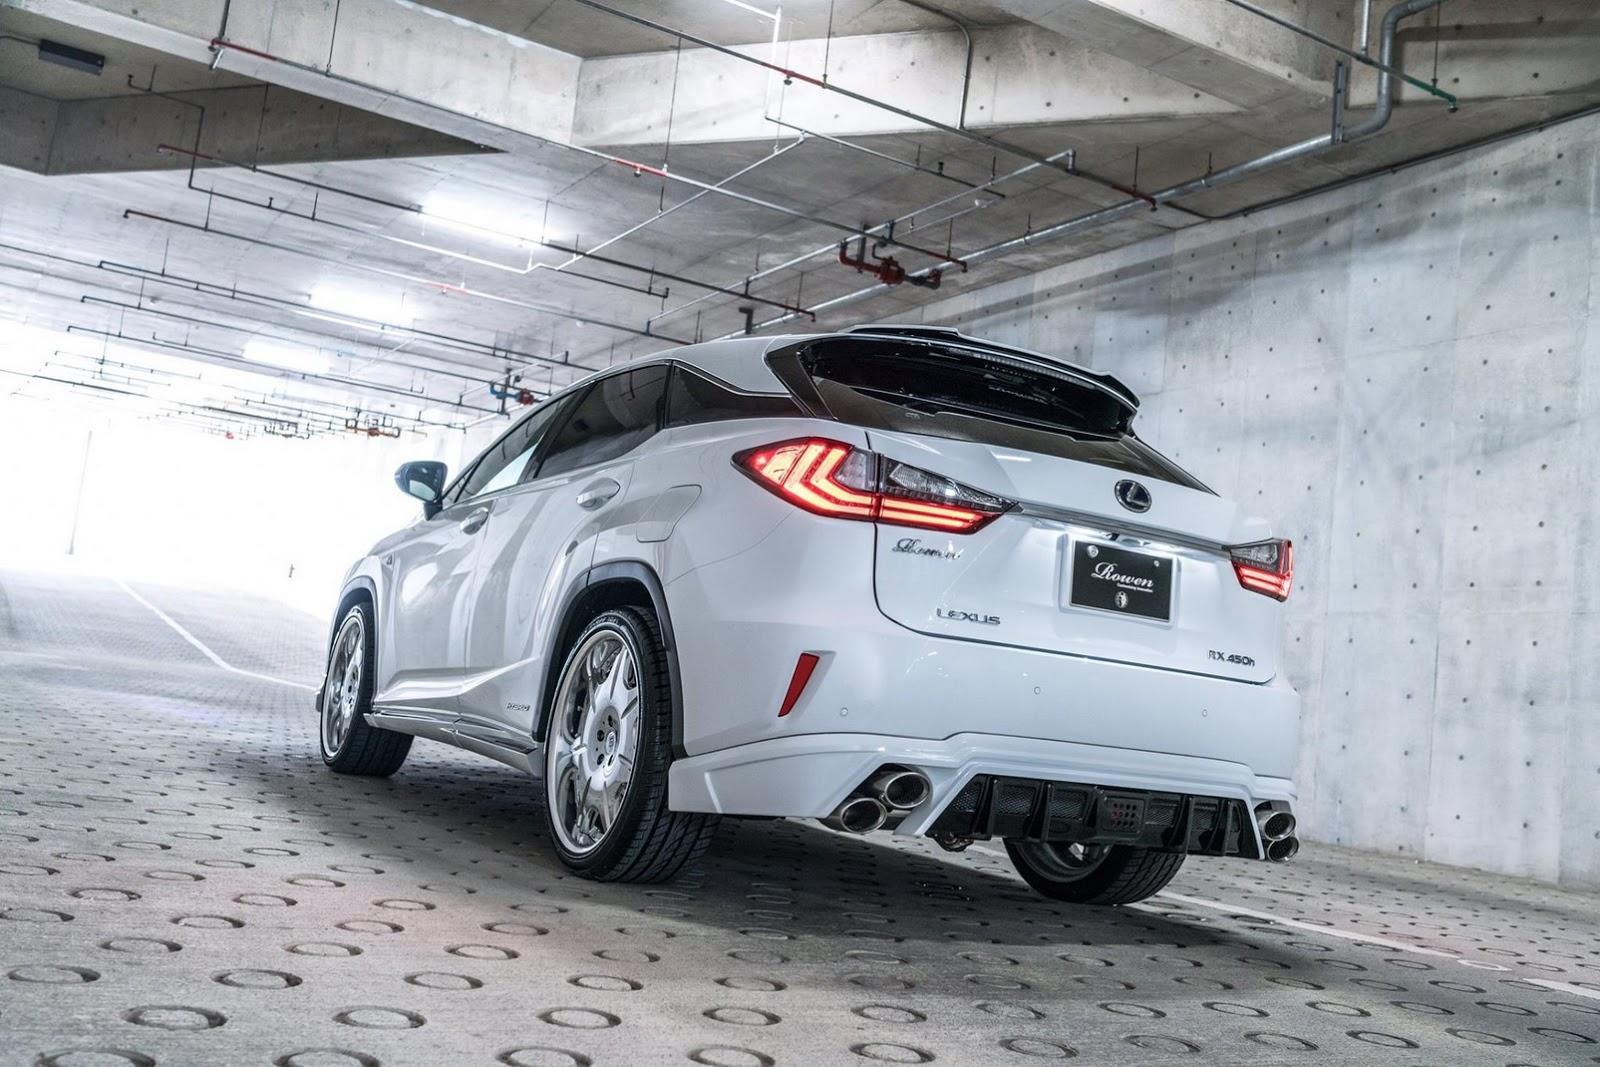 Lexus RX F-Sport by Rowen (6)